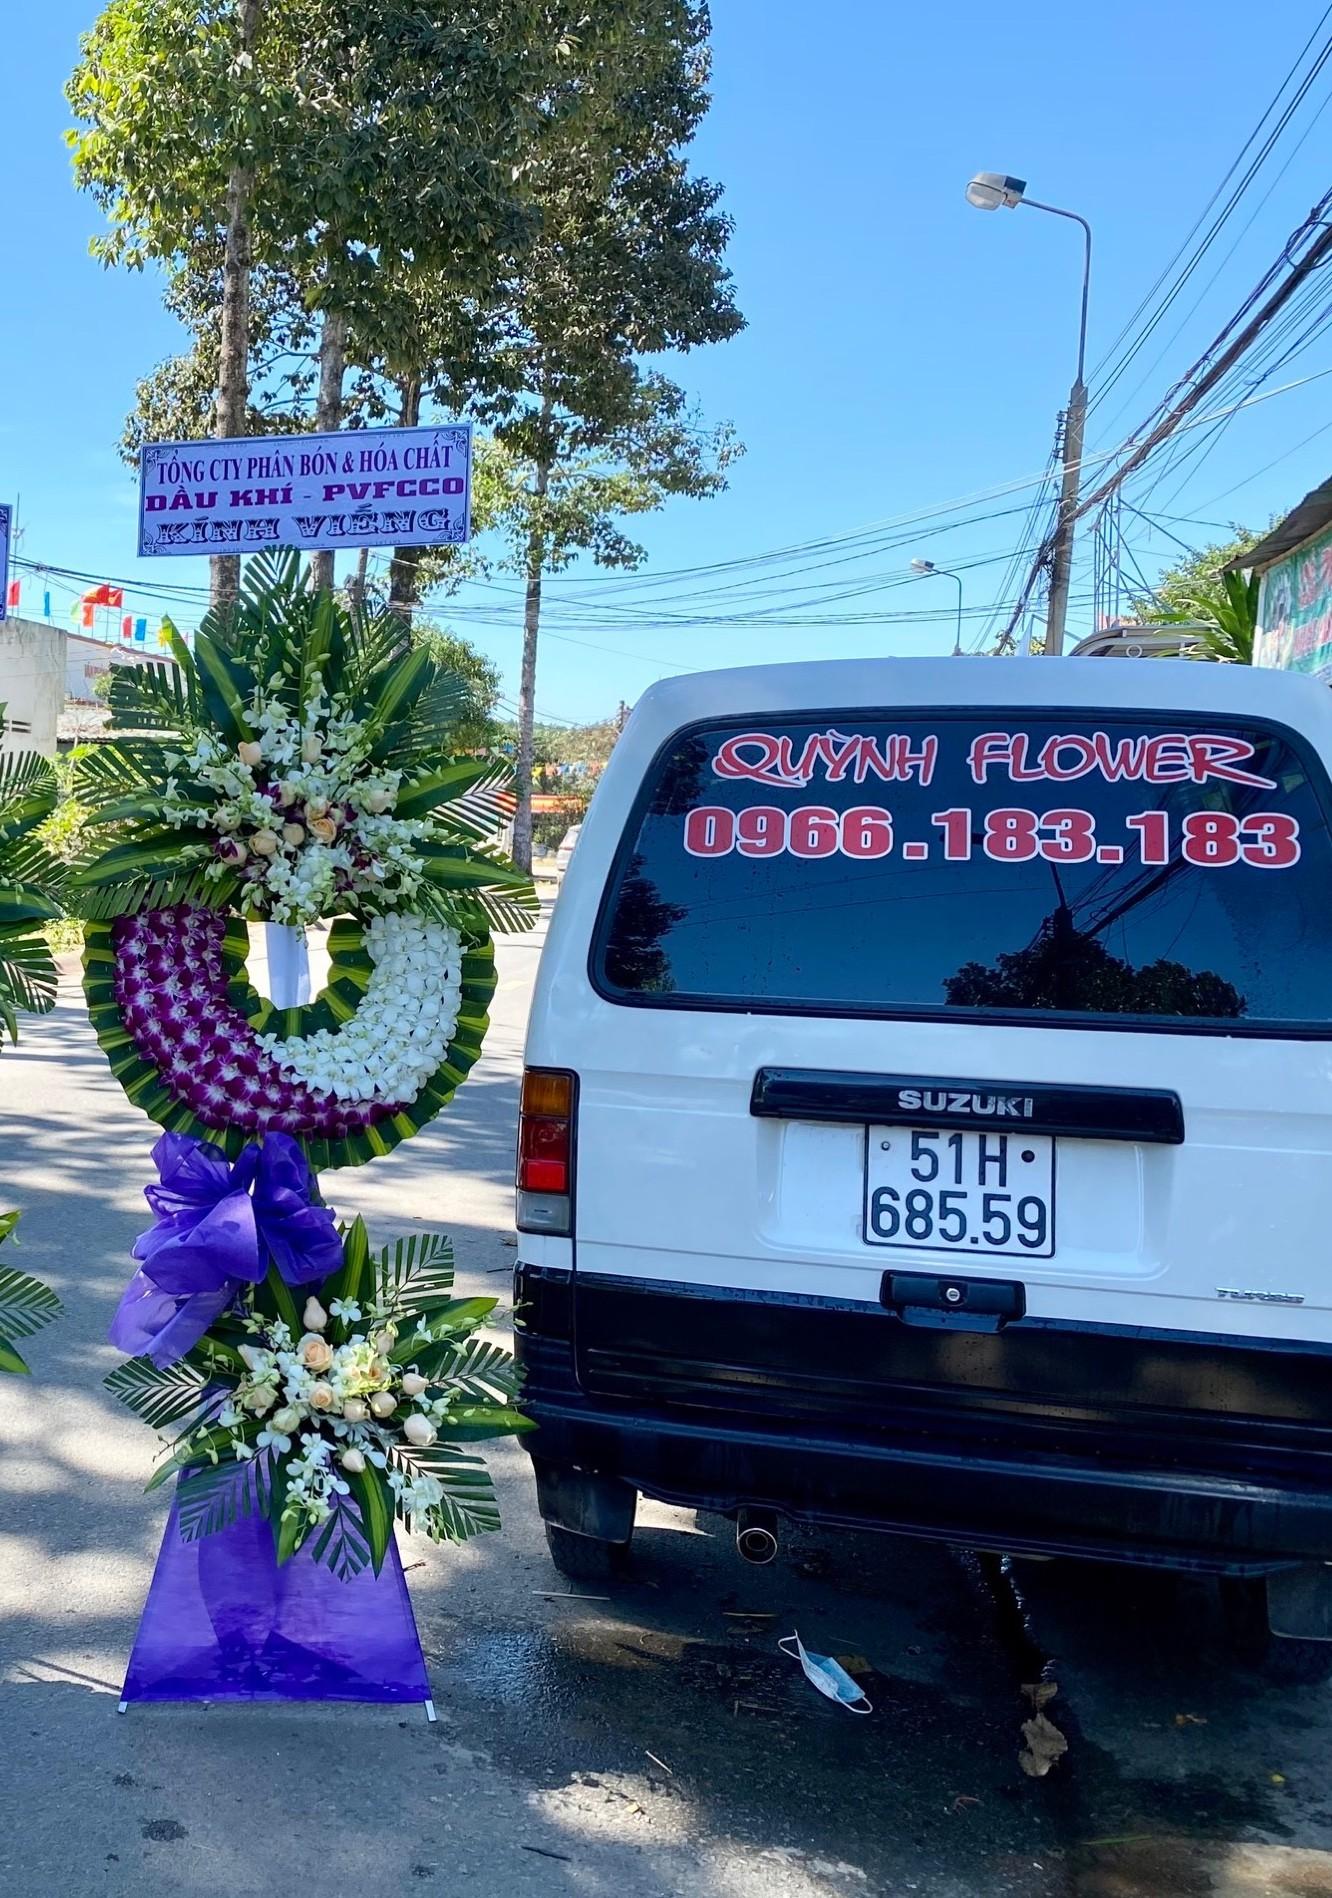 lãng hoa đám tang tân bình vĩnh cửu